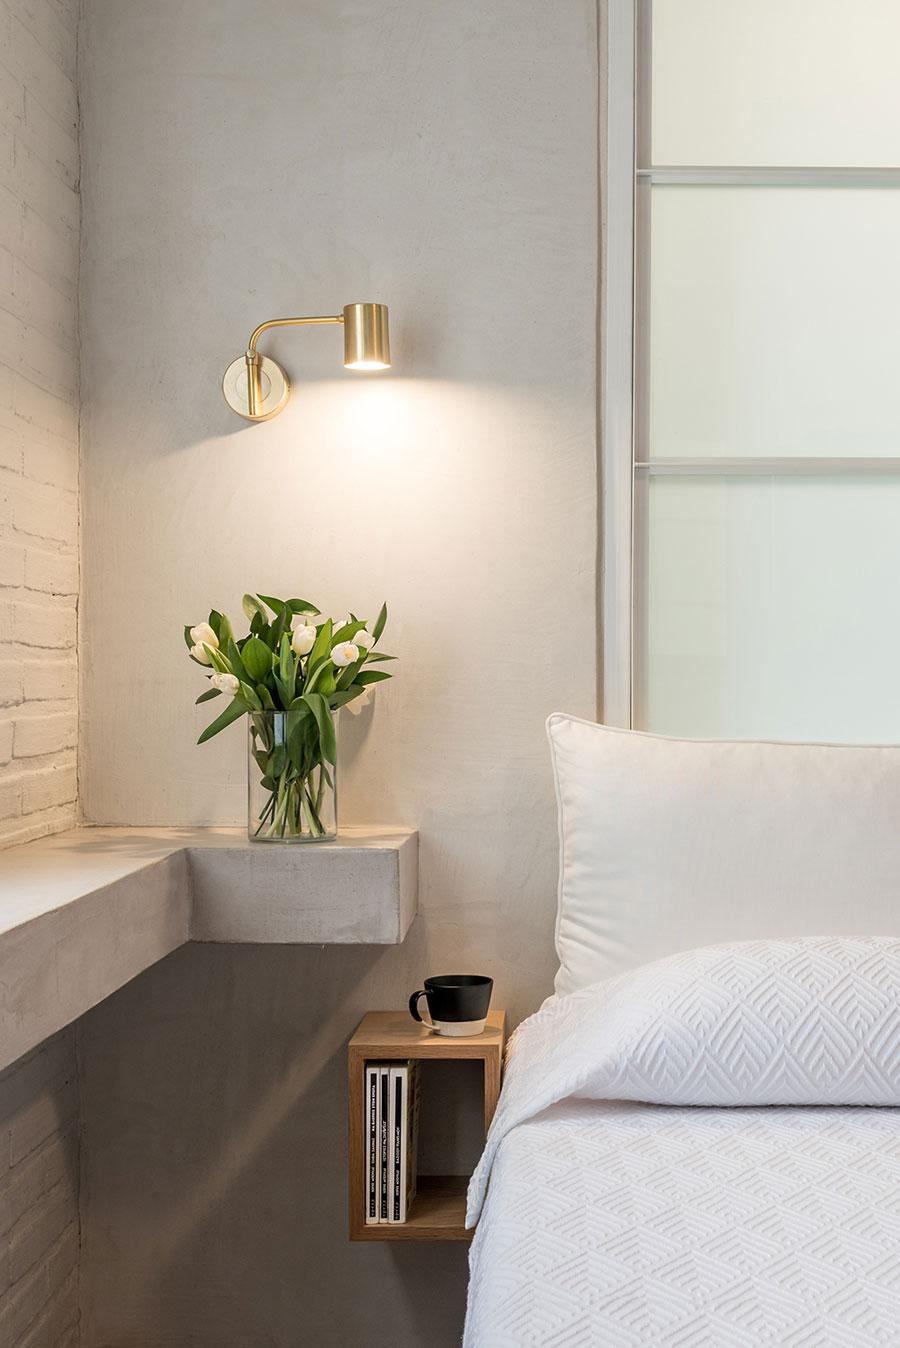 slaapkamer suite met betonlook en hout slaapkamer idee235n